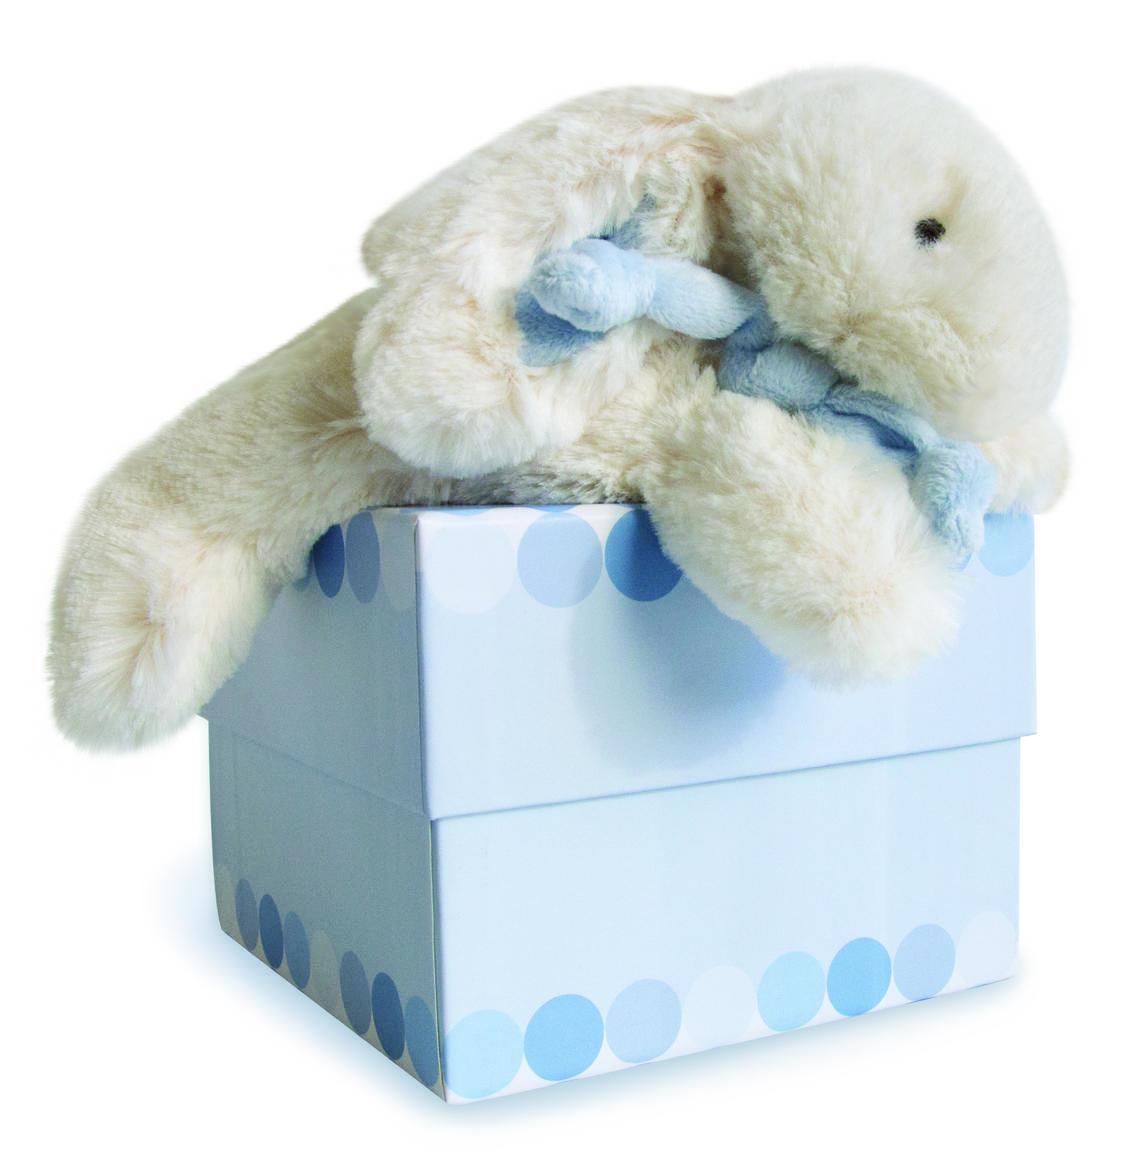 large blue rabbit 30cm + gift box   Trada Marketplace